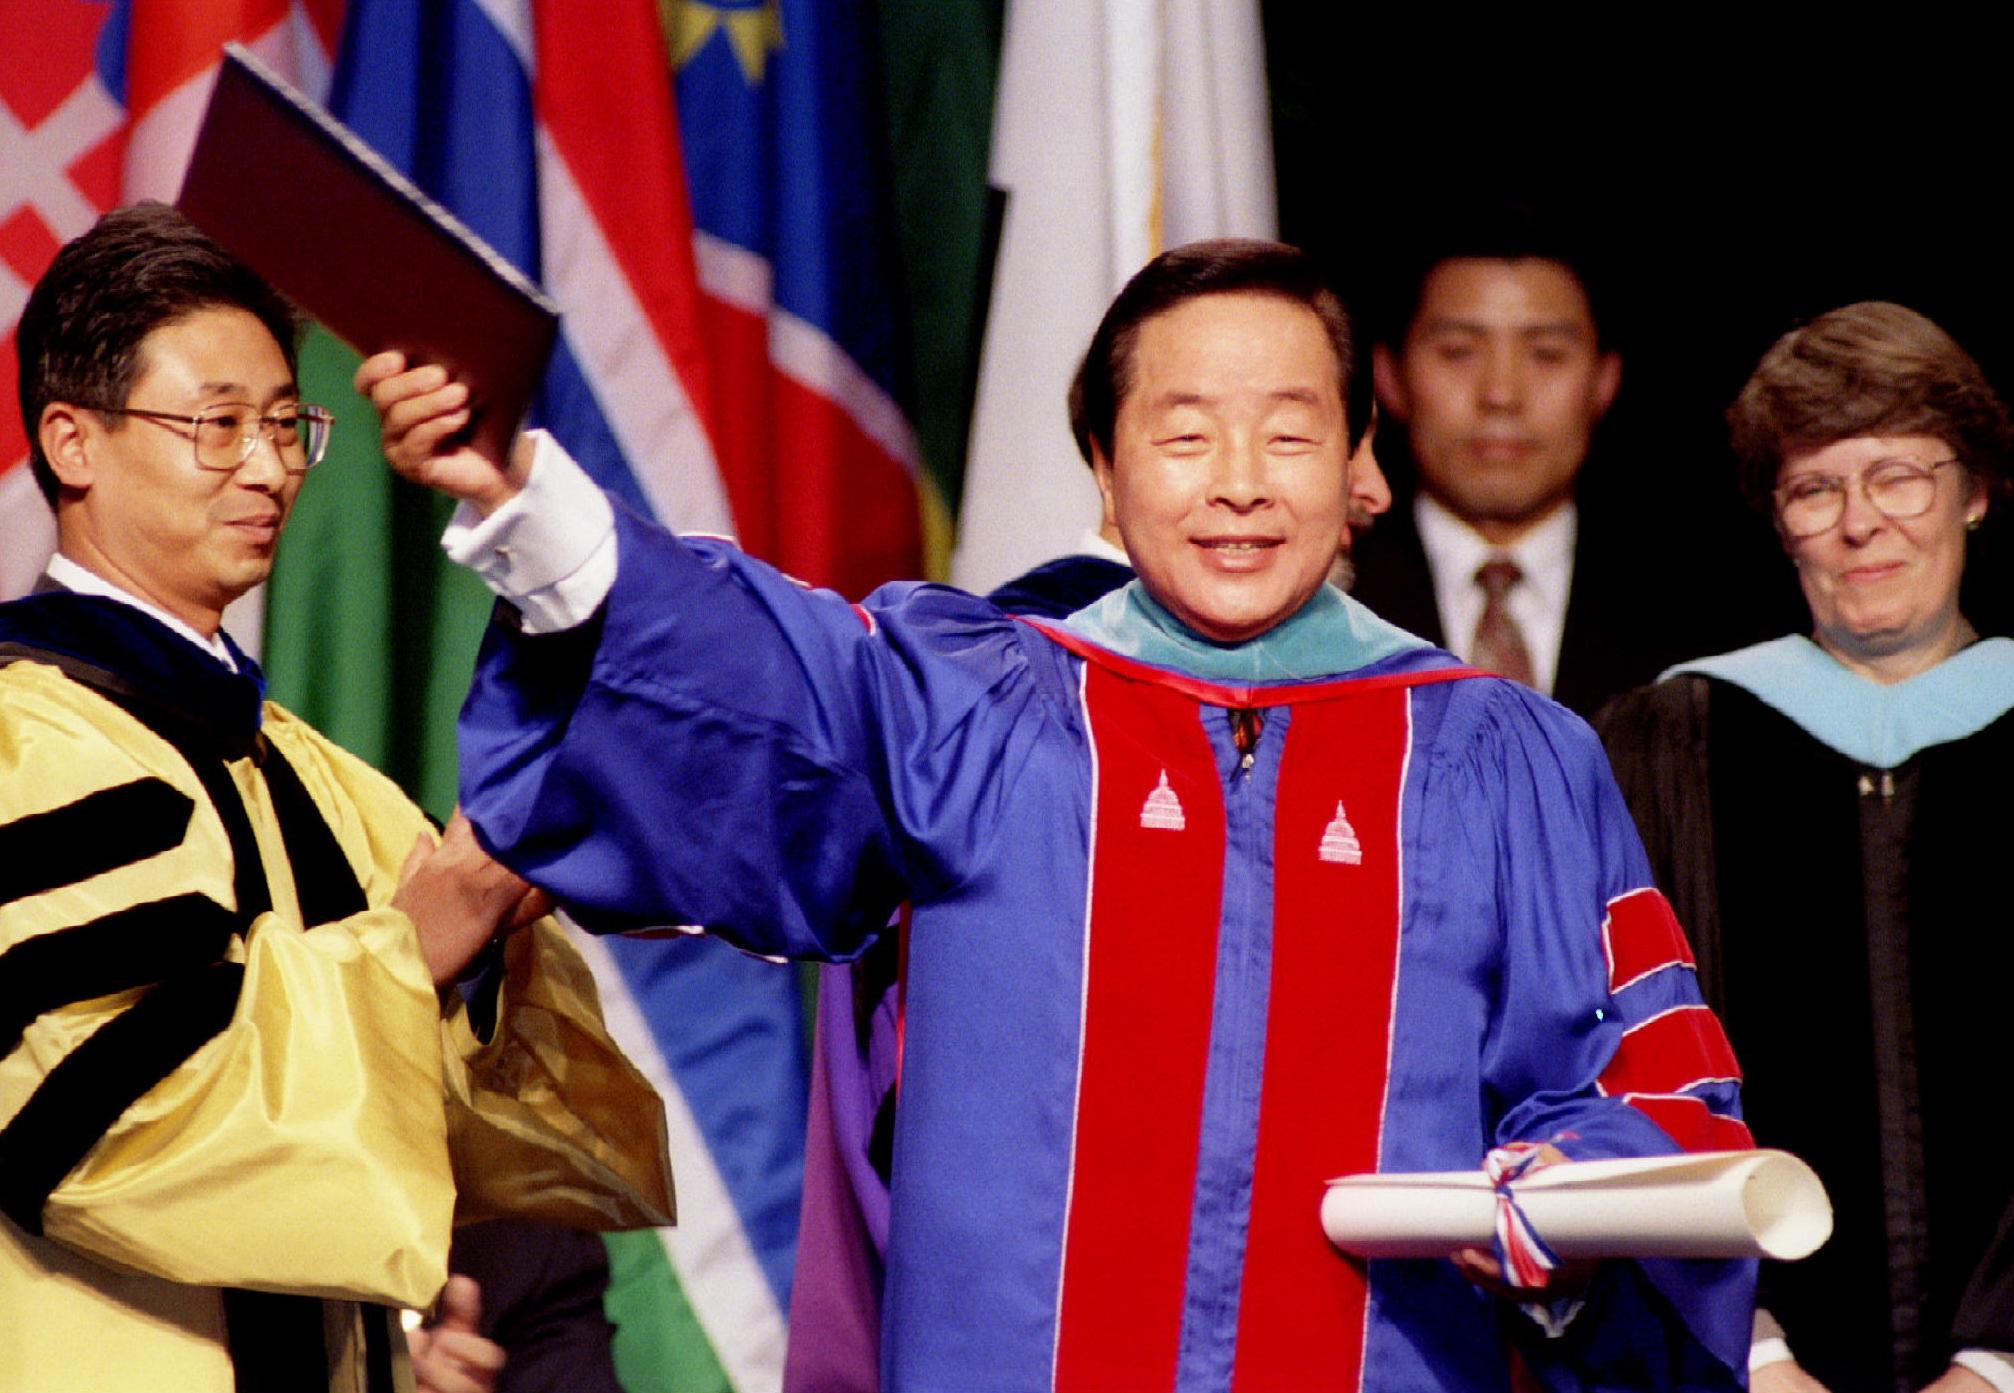 金泳三獲美國大學頒發榮譽學位時向民眾招手。(路透社資料圖片)